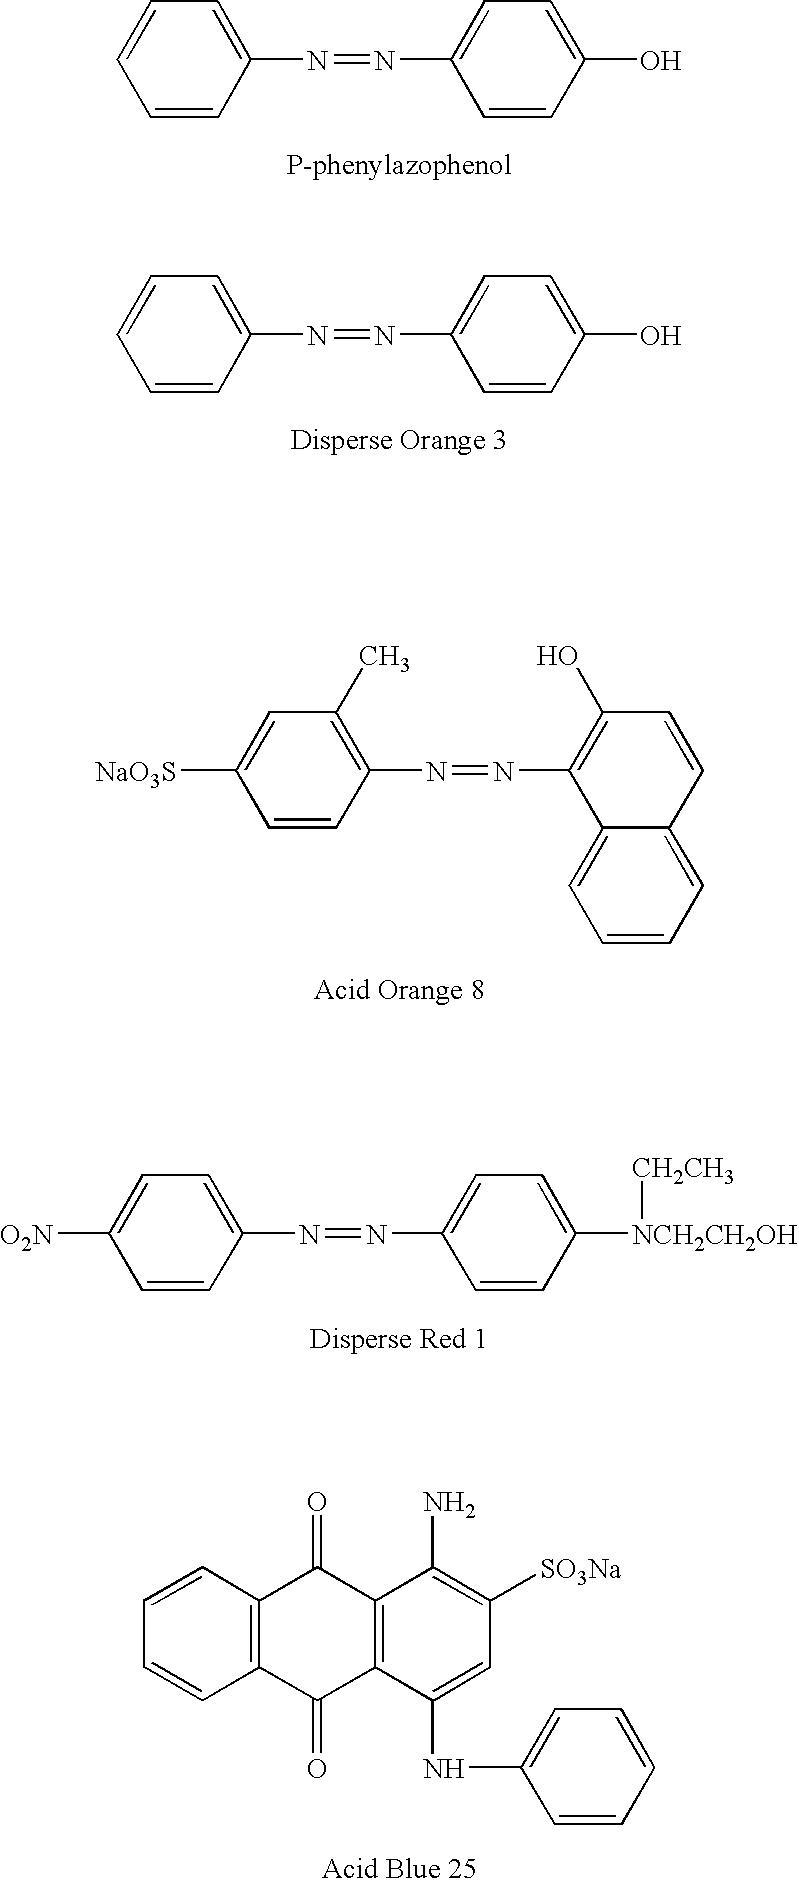 Figure US20070044704A1-20070301-C00003